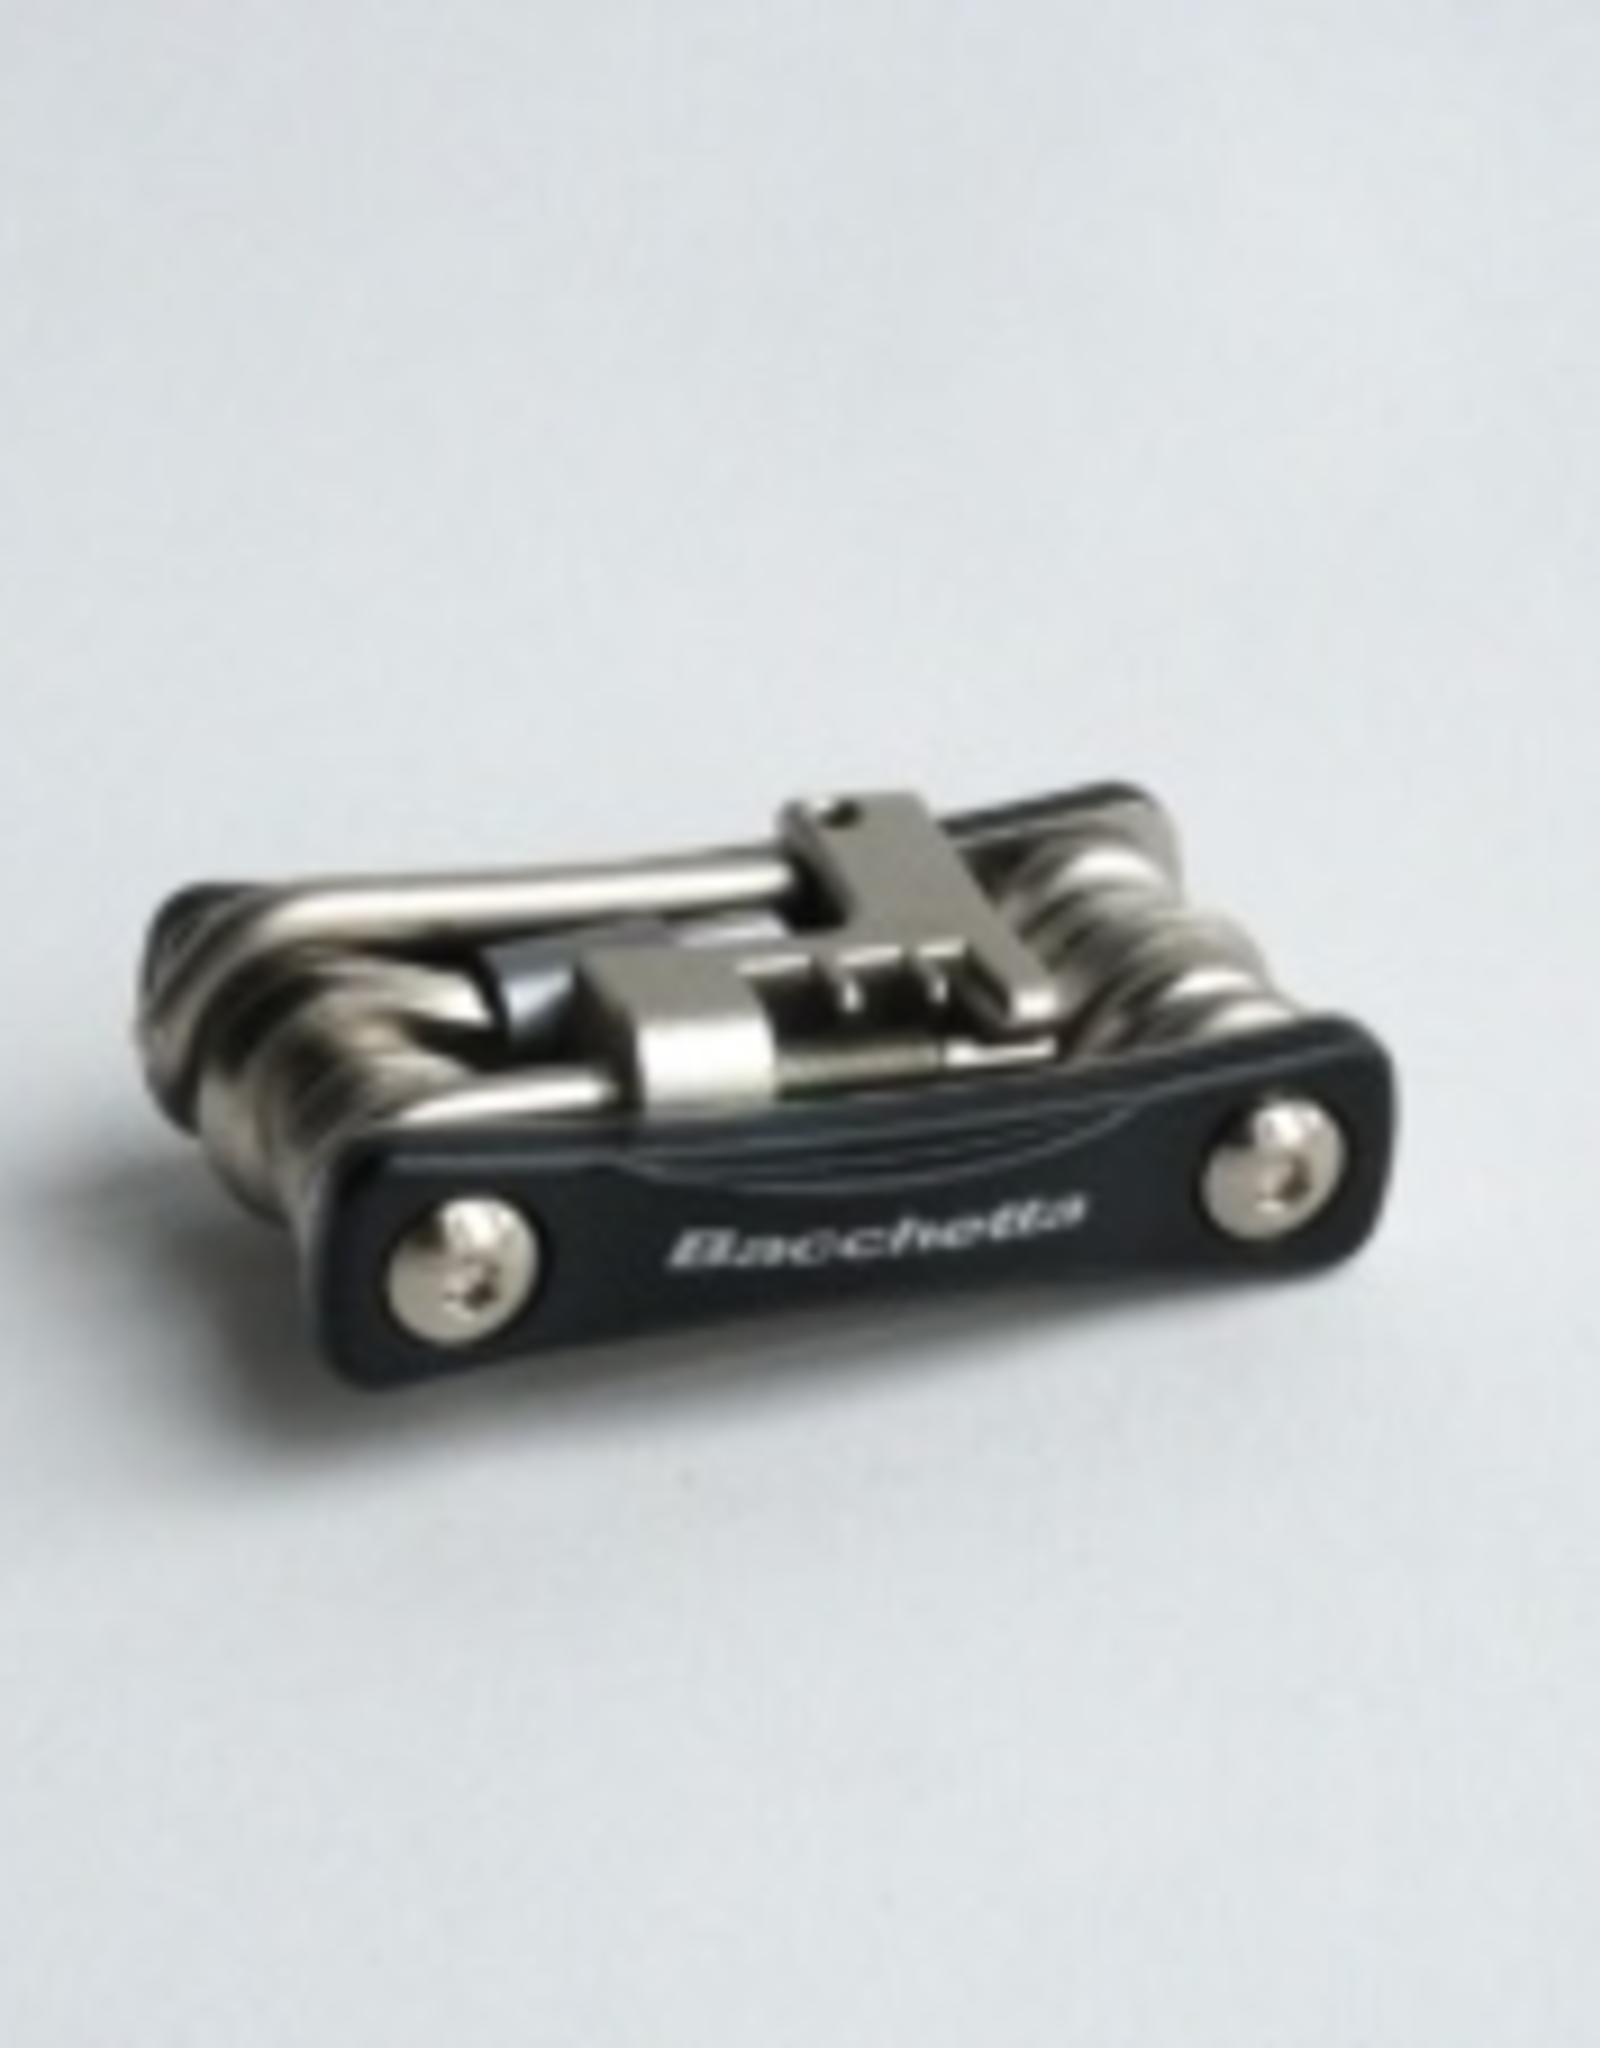 Bacchetta Mini-Tool